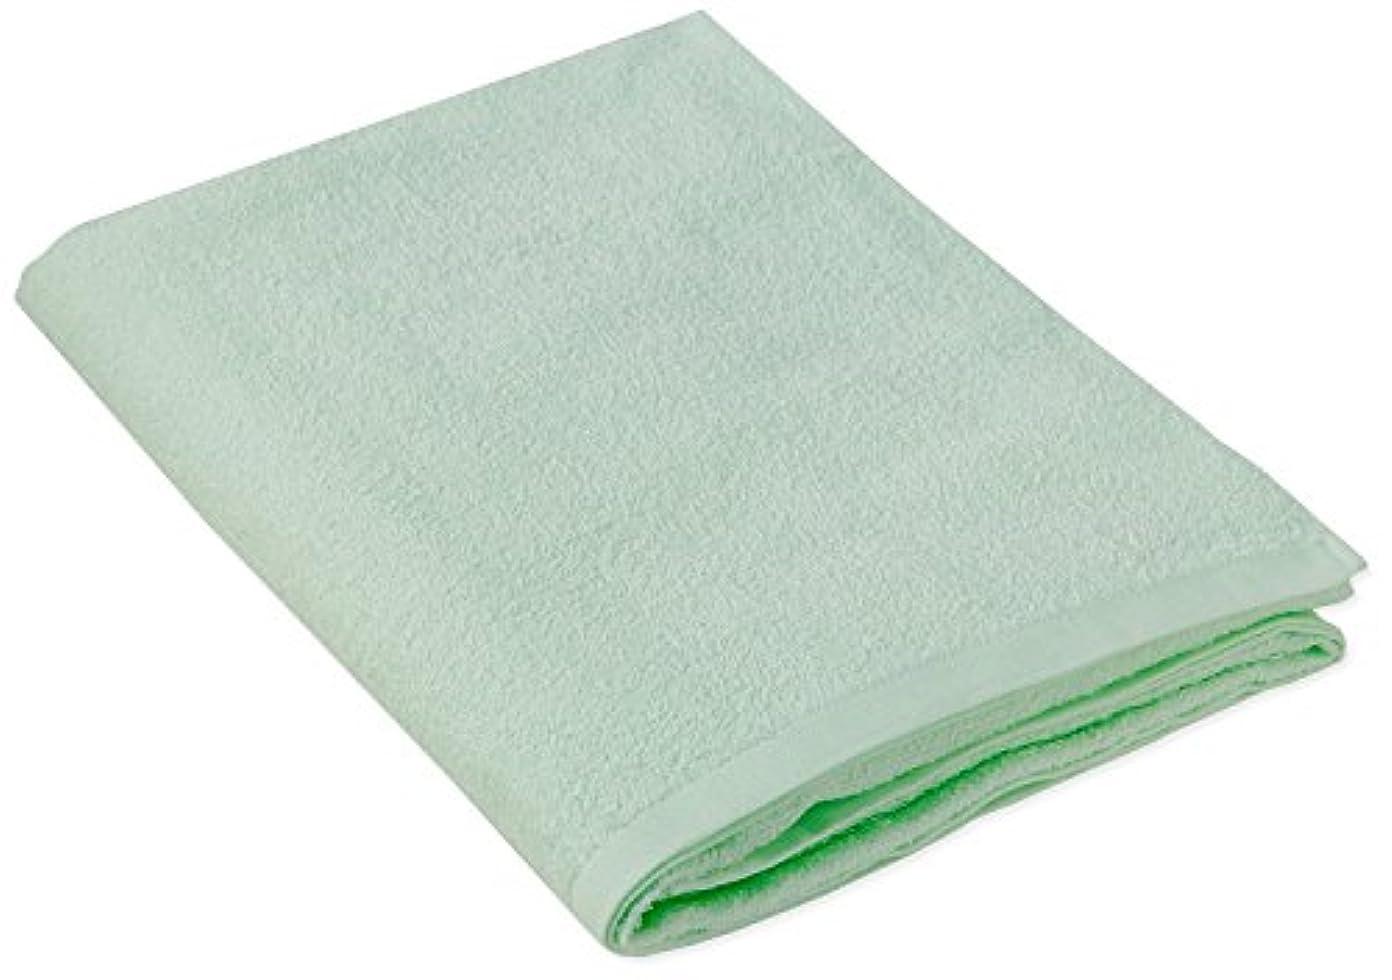 知っているに立ち寄る染色規範キヨタ 抗菌介護タオル(大判タオル1枚入) グリーン 80×135cm